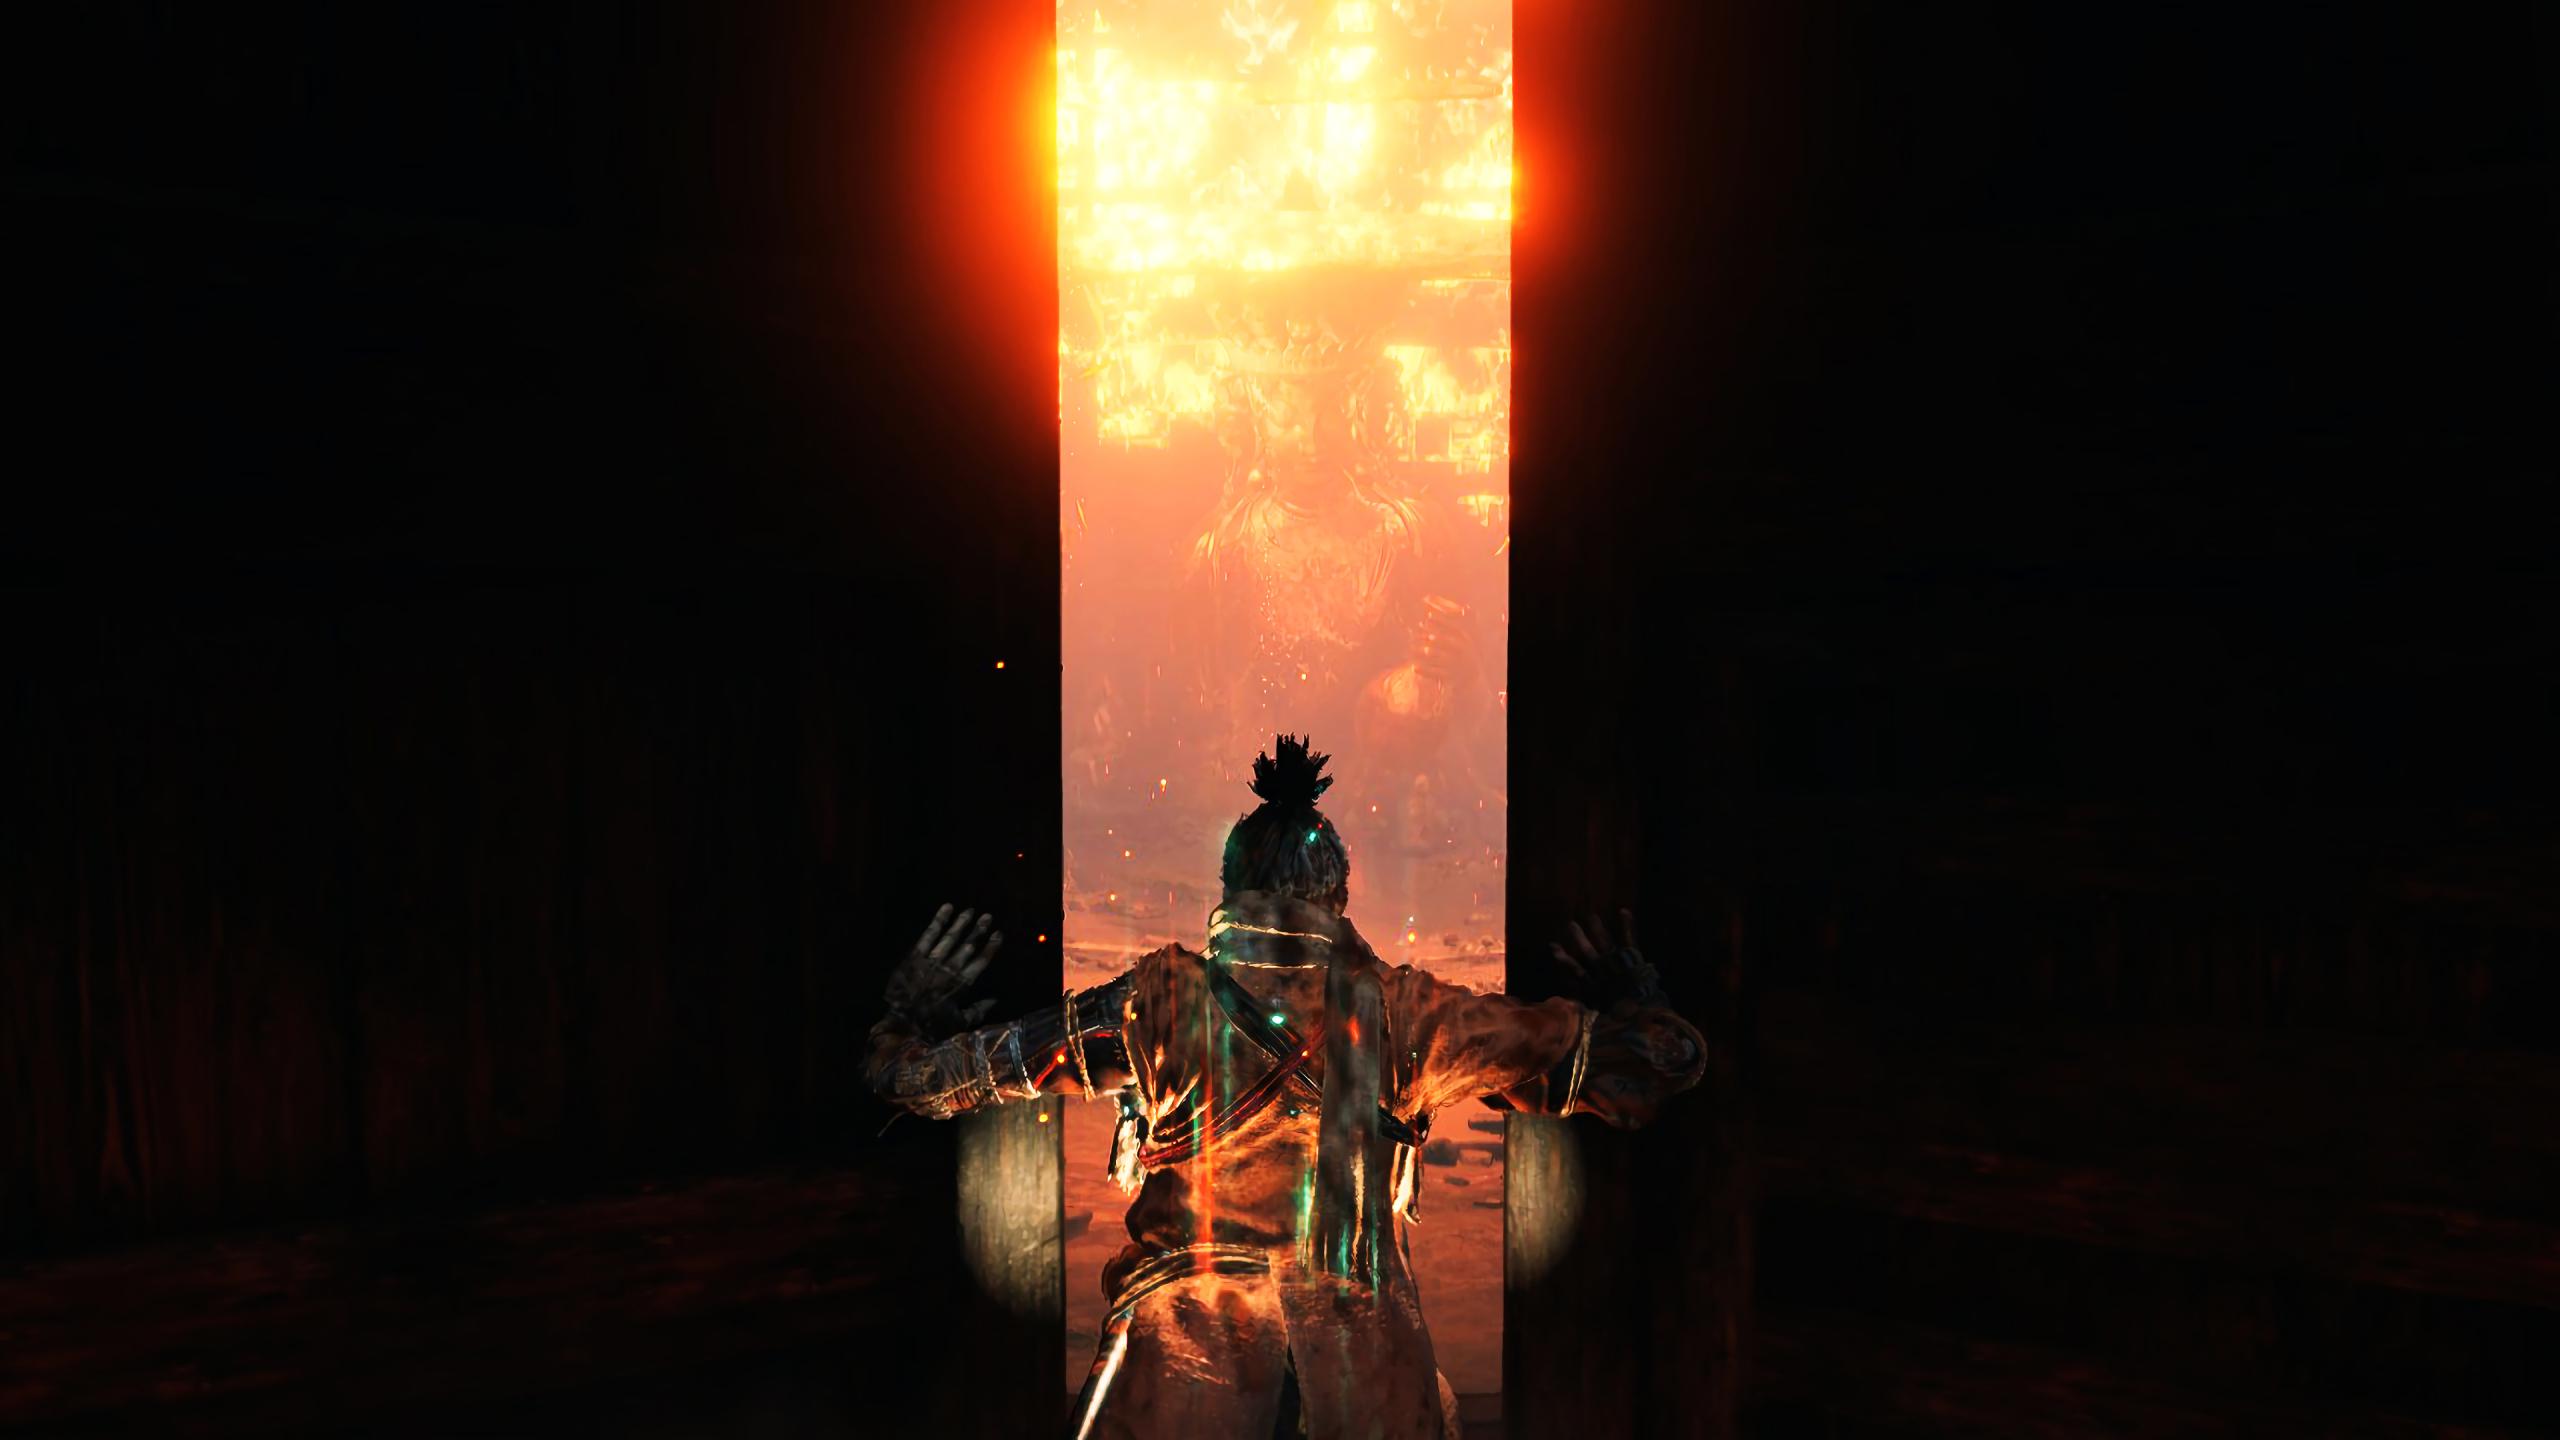 2560x1440 4k Sekiro Shadows Die Twice Door Opening 1440p